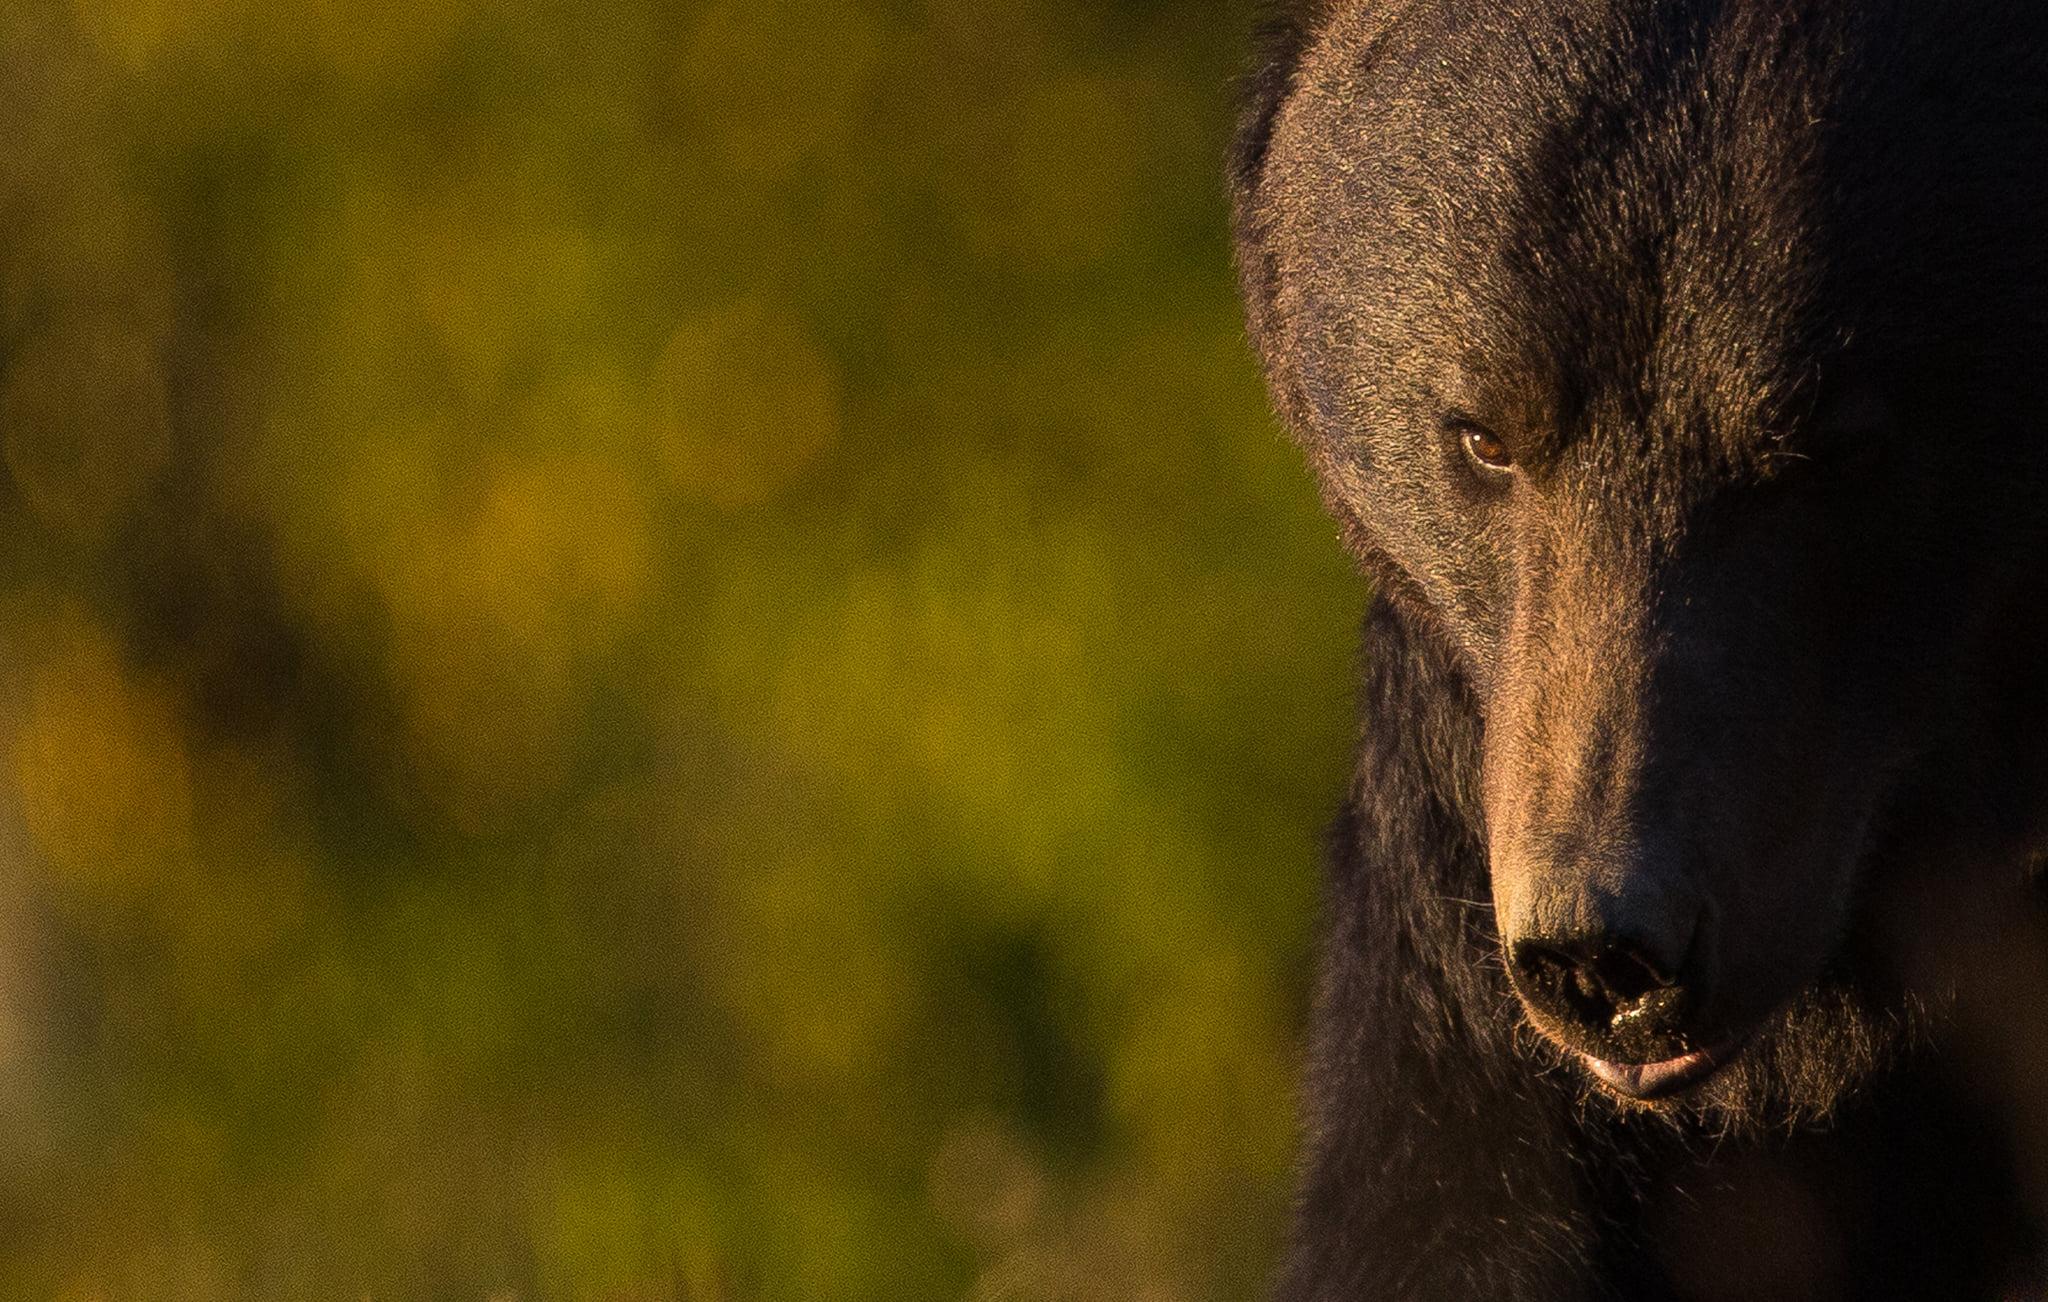 Un urs a coborât în grădina unui localnic din Gura Râului. Primăria a alertat Prefectura